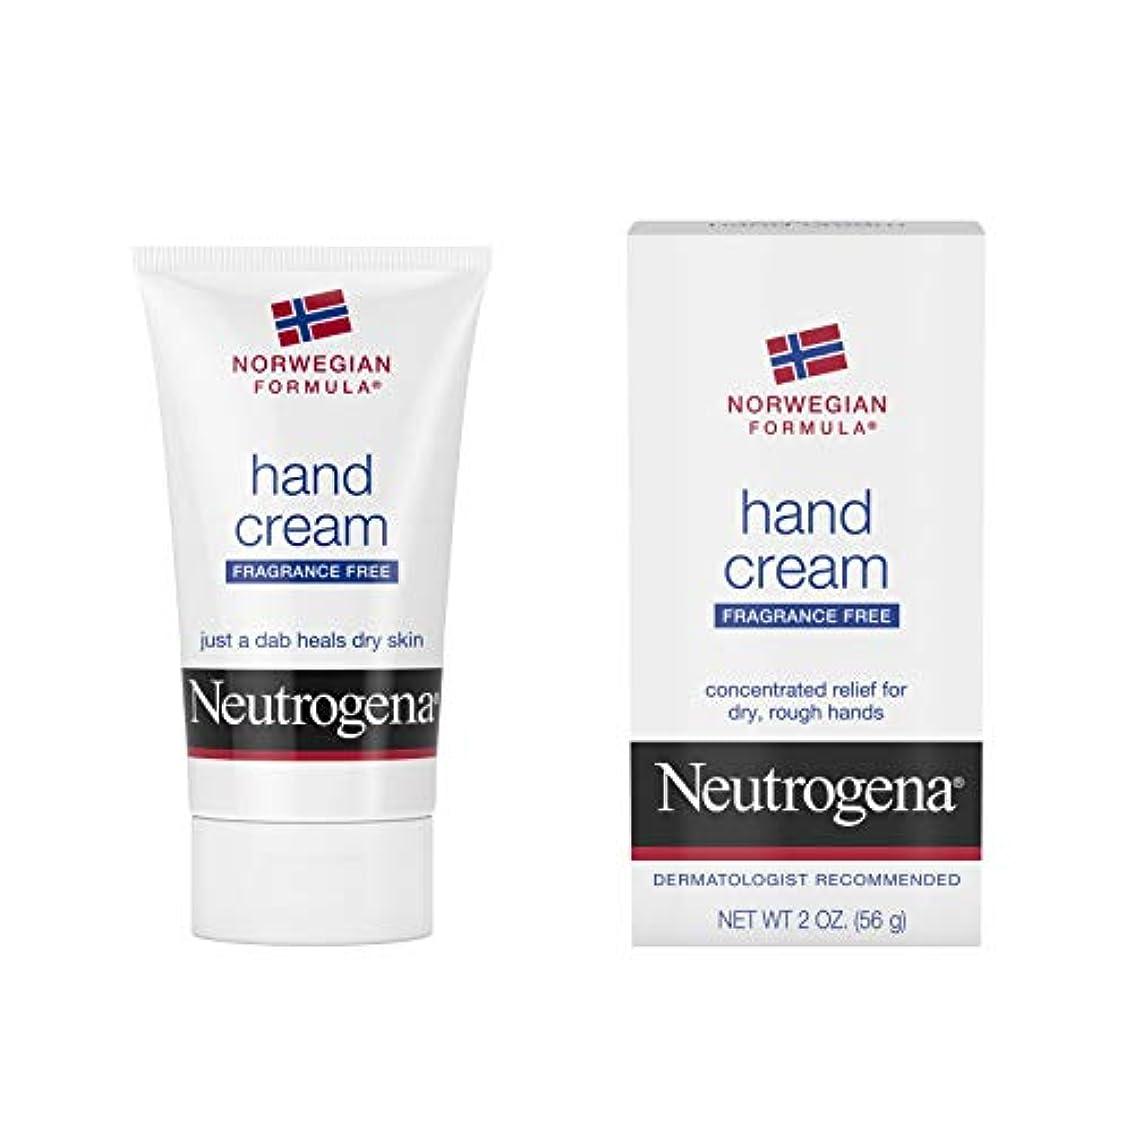 利益イブニング両方Neutrogena Norwegian Formula Hand Cream Fragrance-Free 60 ml (並行輸入品)